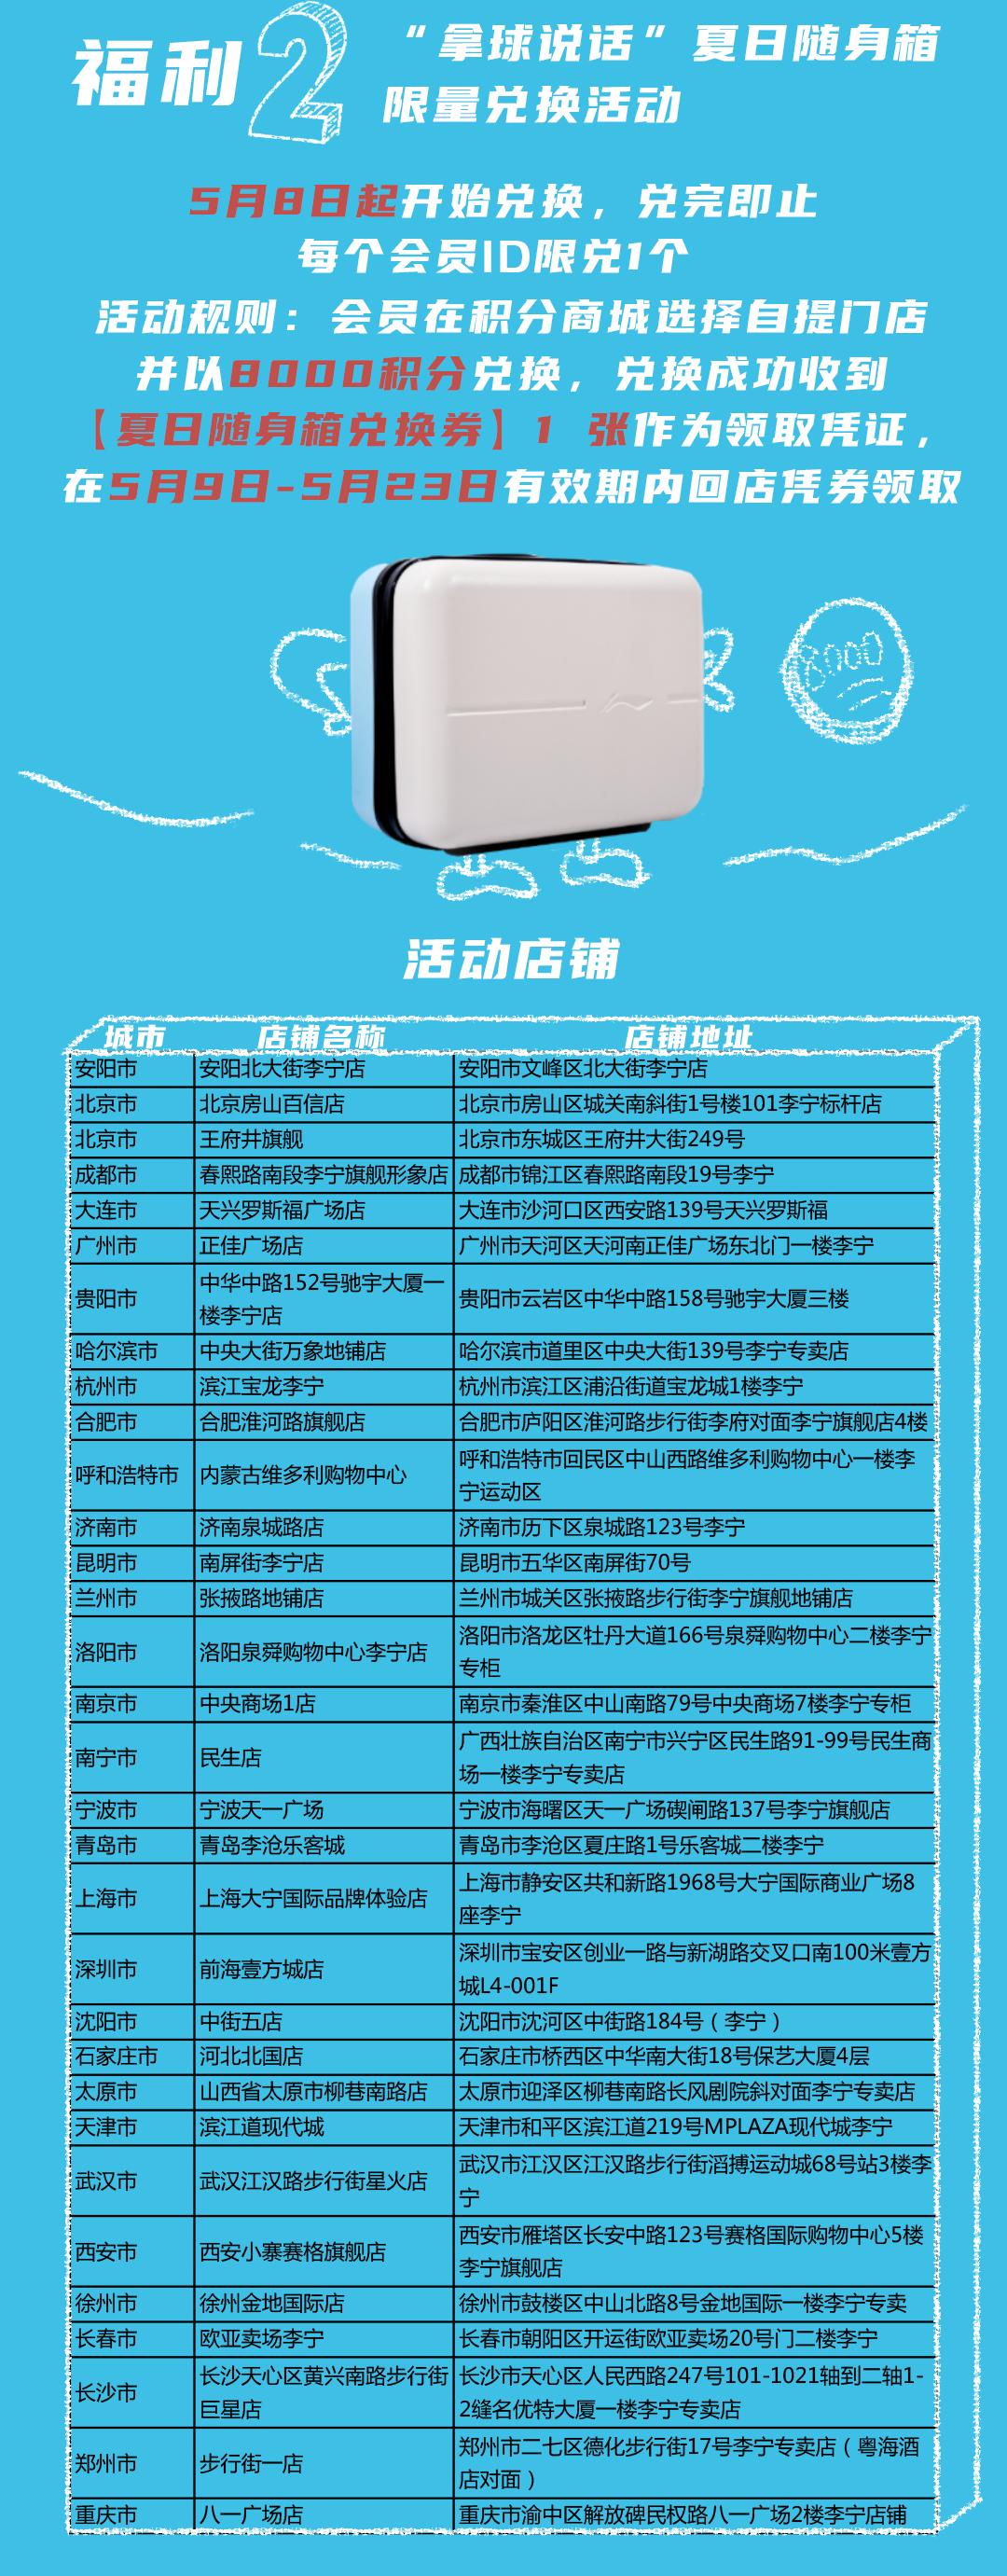 李宁,音速 9,夏日限定  特殊鞋盒福利兑换!音速 9「夏日限定」刚刚曝光!